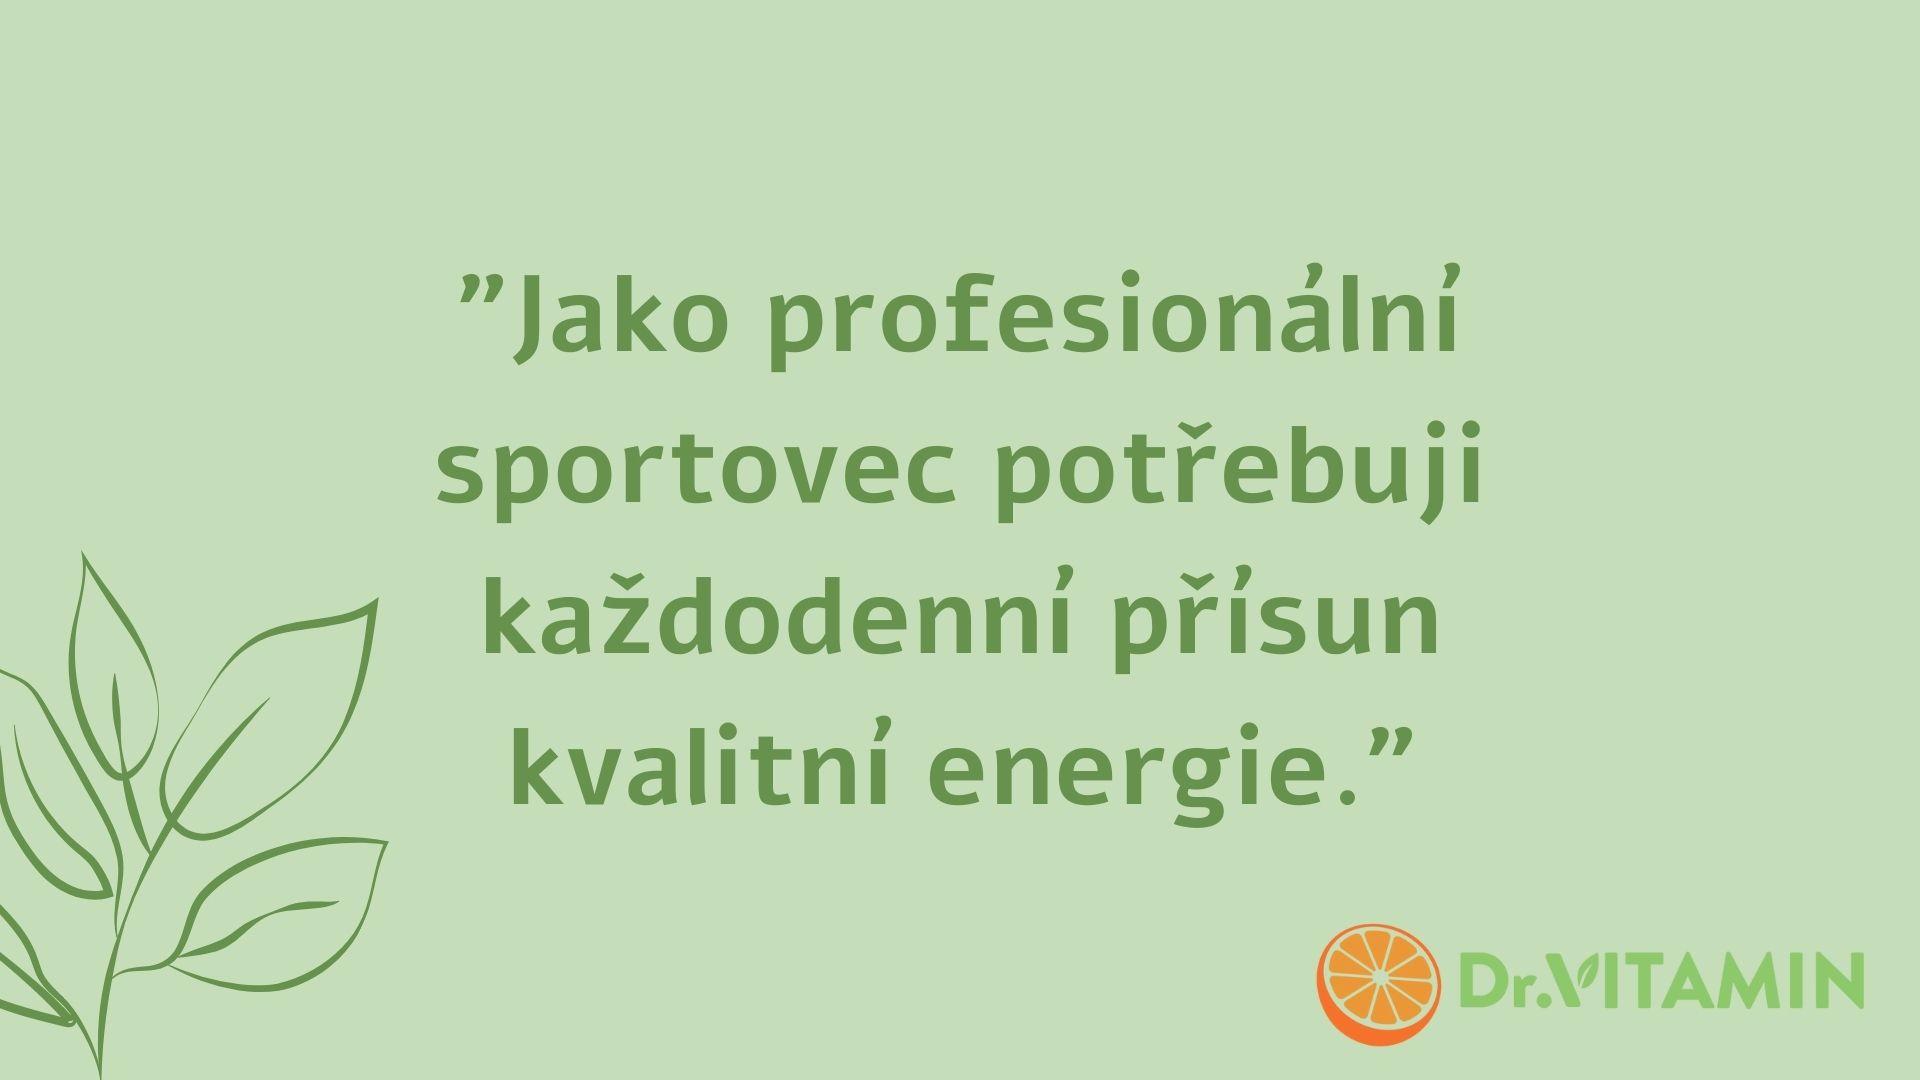 Jako profesionální sportovec potřebuji každodenní přísun kvalitní energie